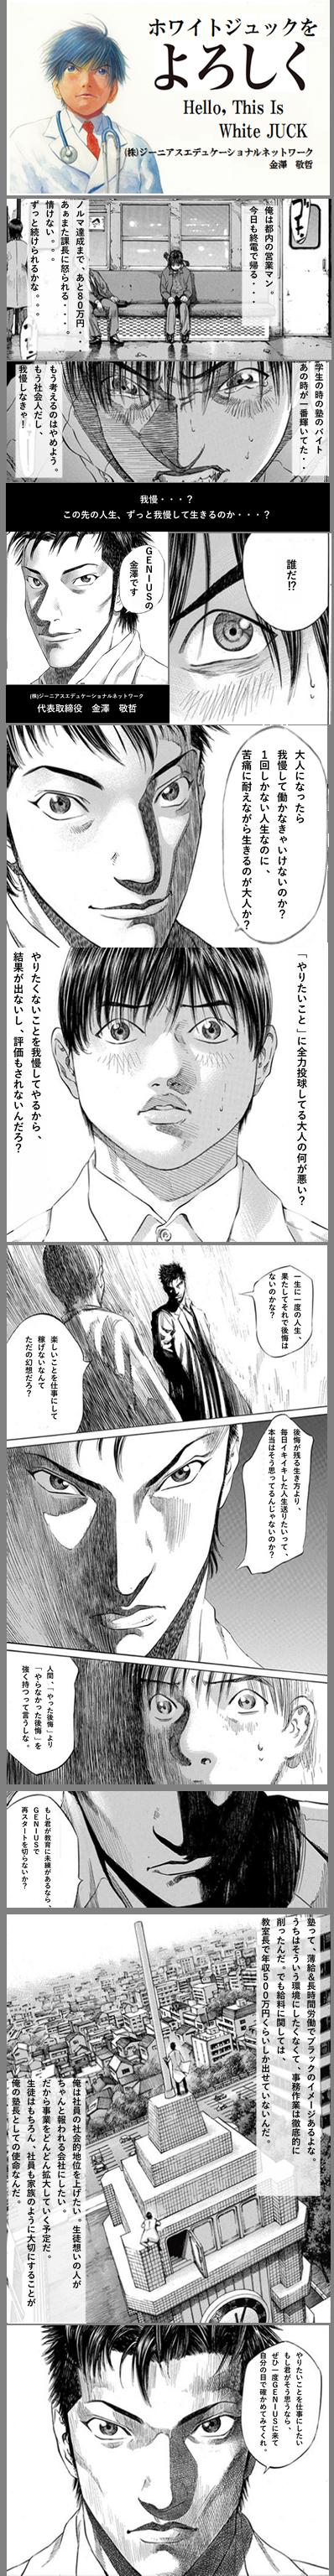 manga_motokeiken.png